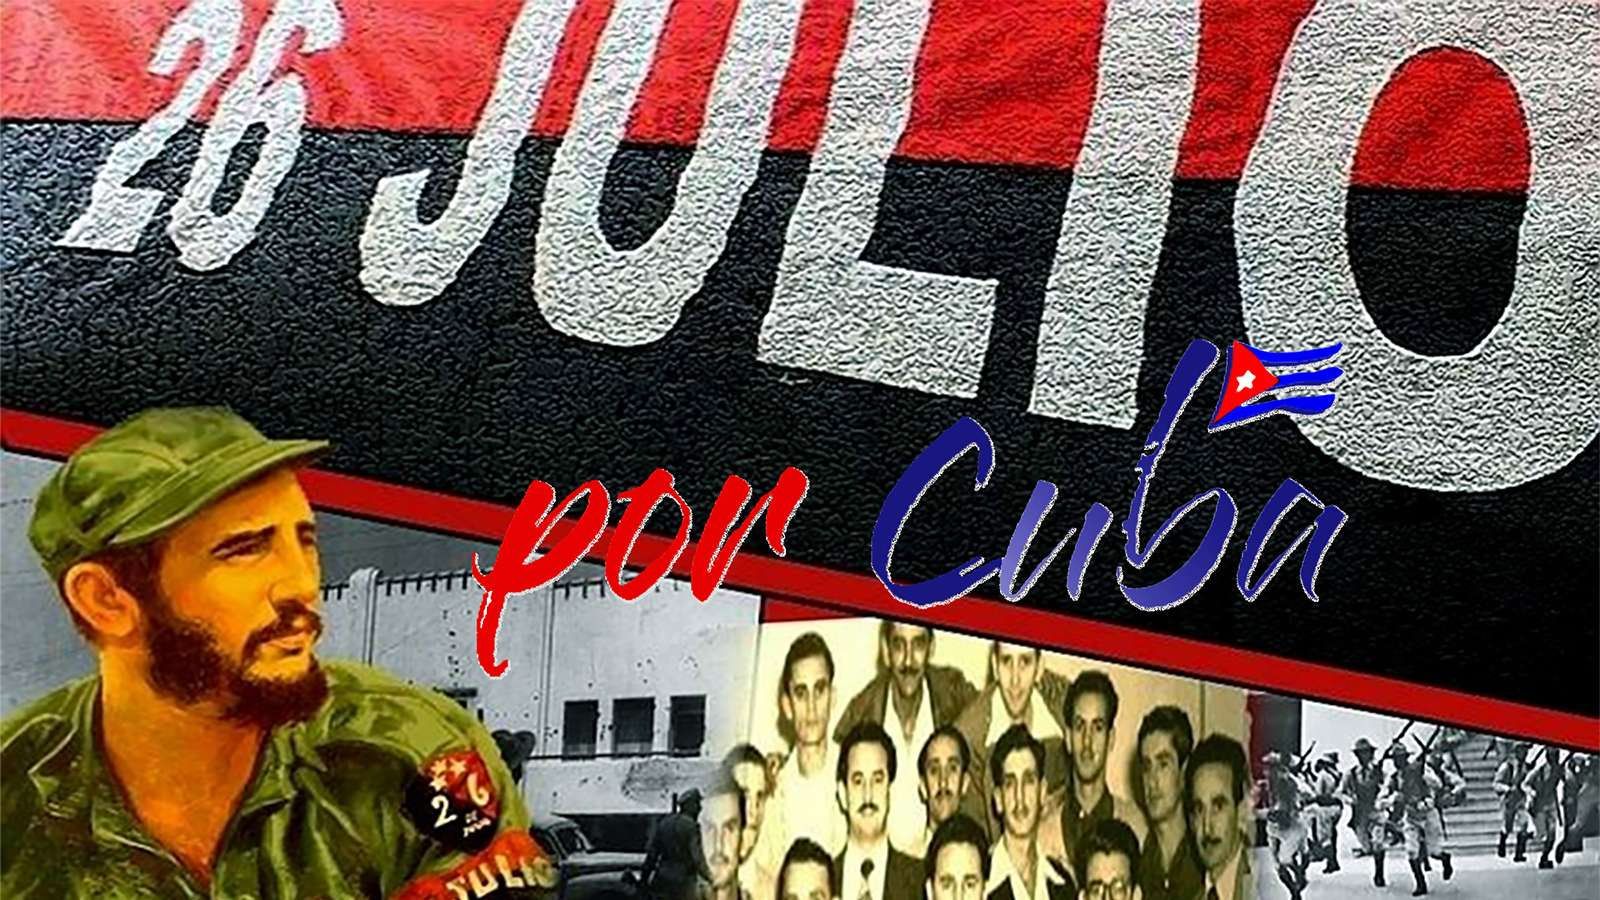 Εκδήλωση ΣΦΕΑ Por Cuba 26 Julio Moncada